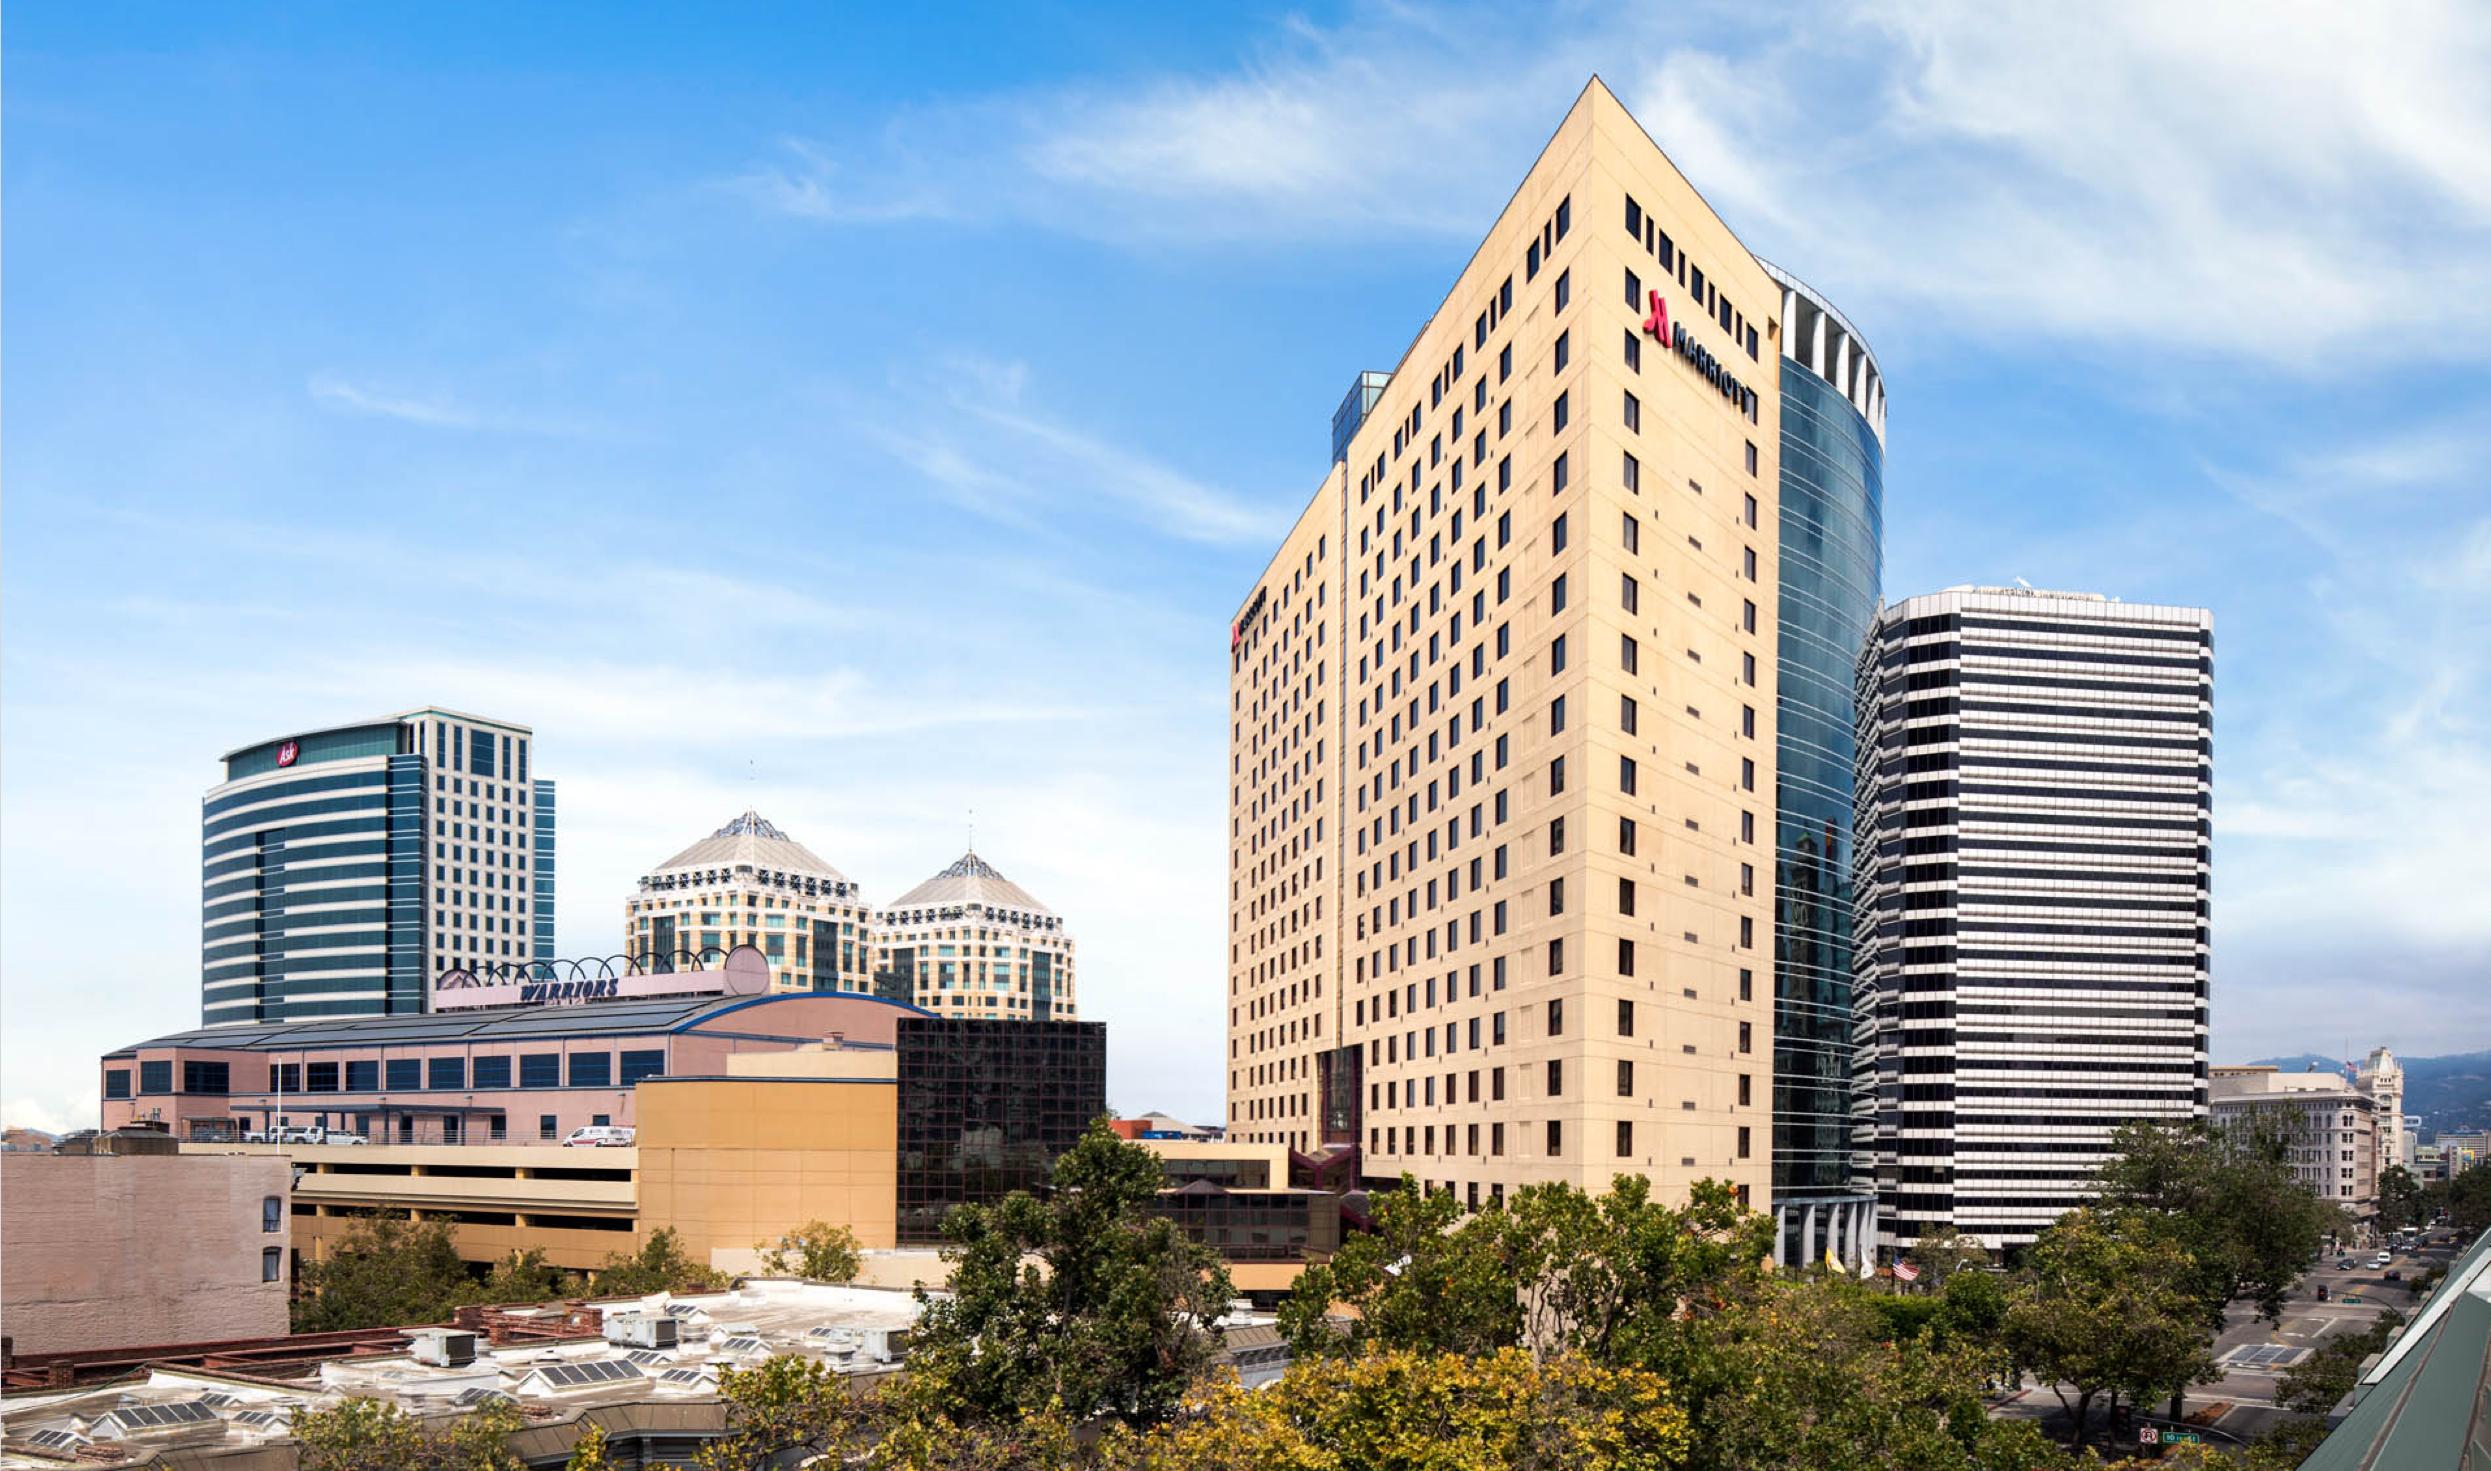 executive-inn-hotel